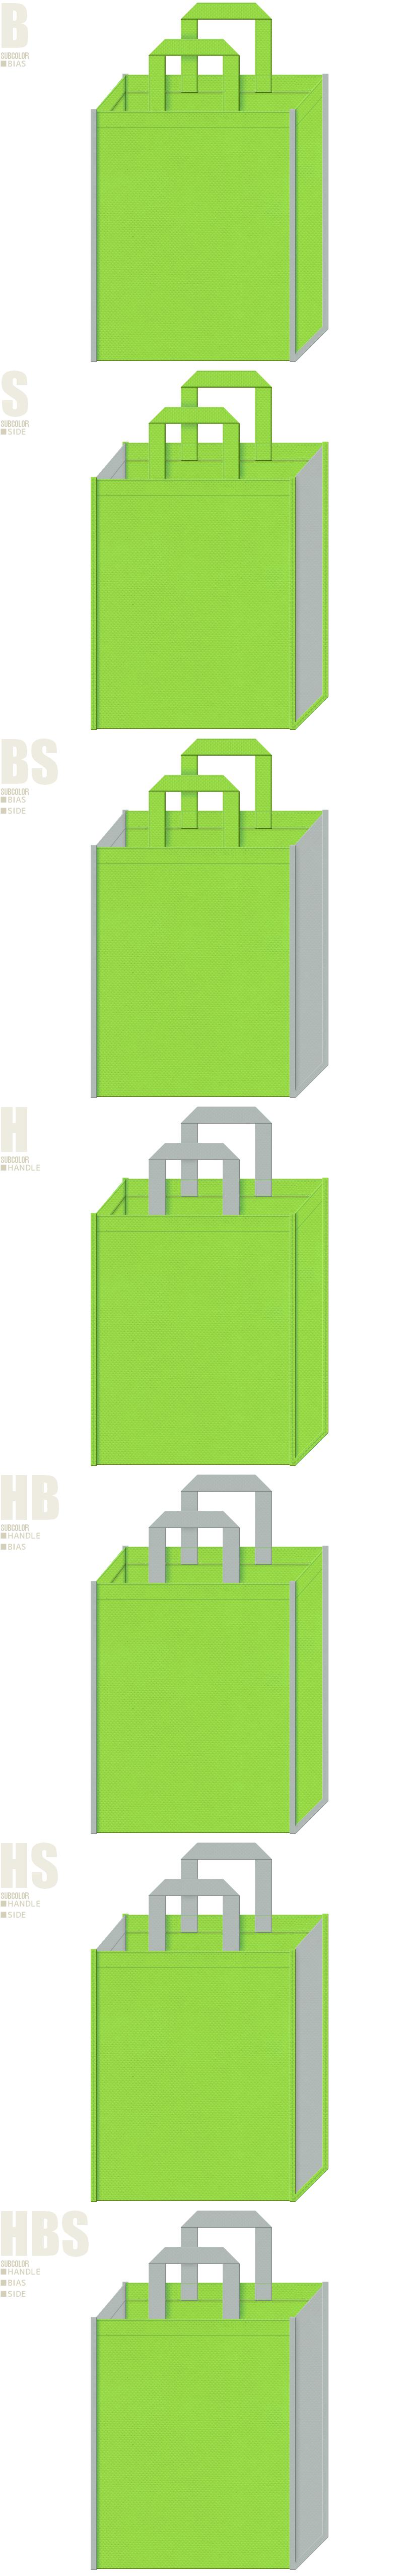 ビルの屋上緑化・壁面緑化の展示会用バッグにお奨めの不織布バッグデザイン:黄緑色とグレー色の不織布バッグ配色7パターン。